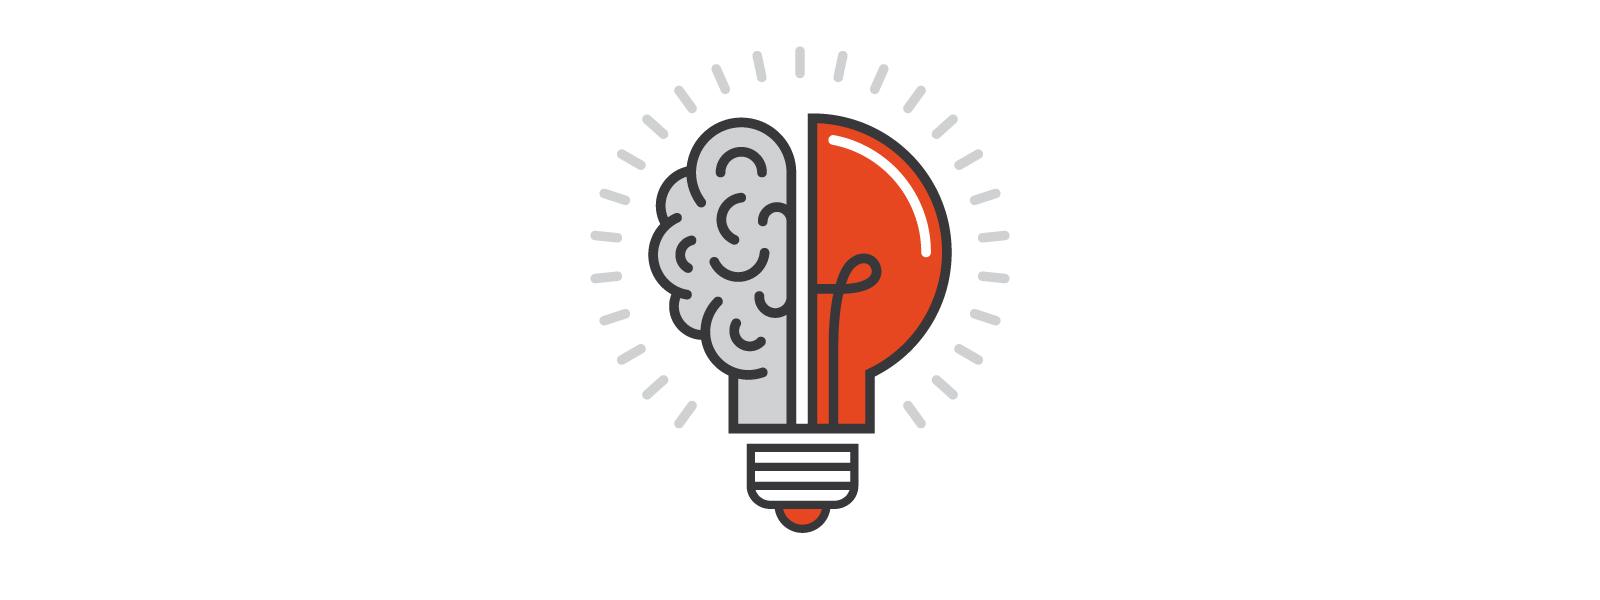 Situationsanalyse als Basis für die Innovation